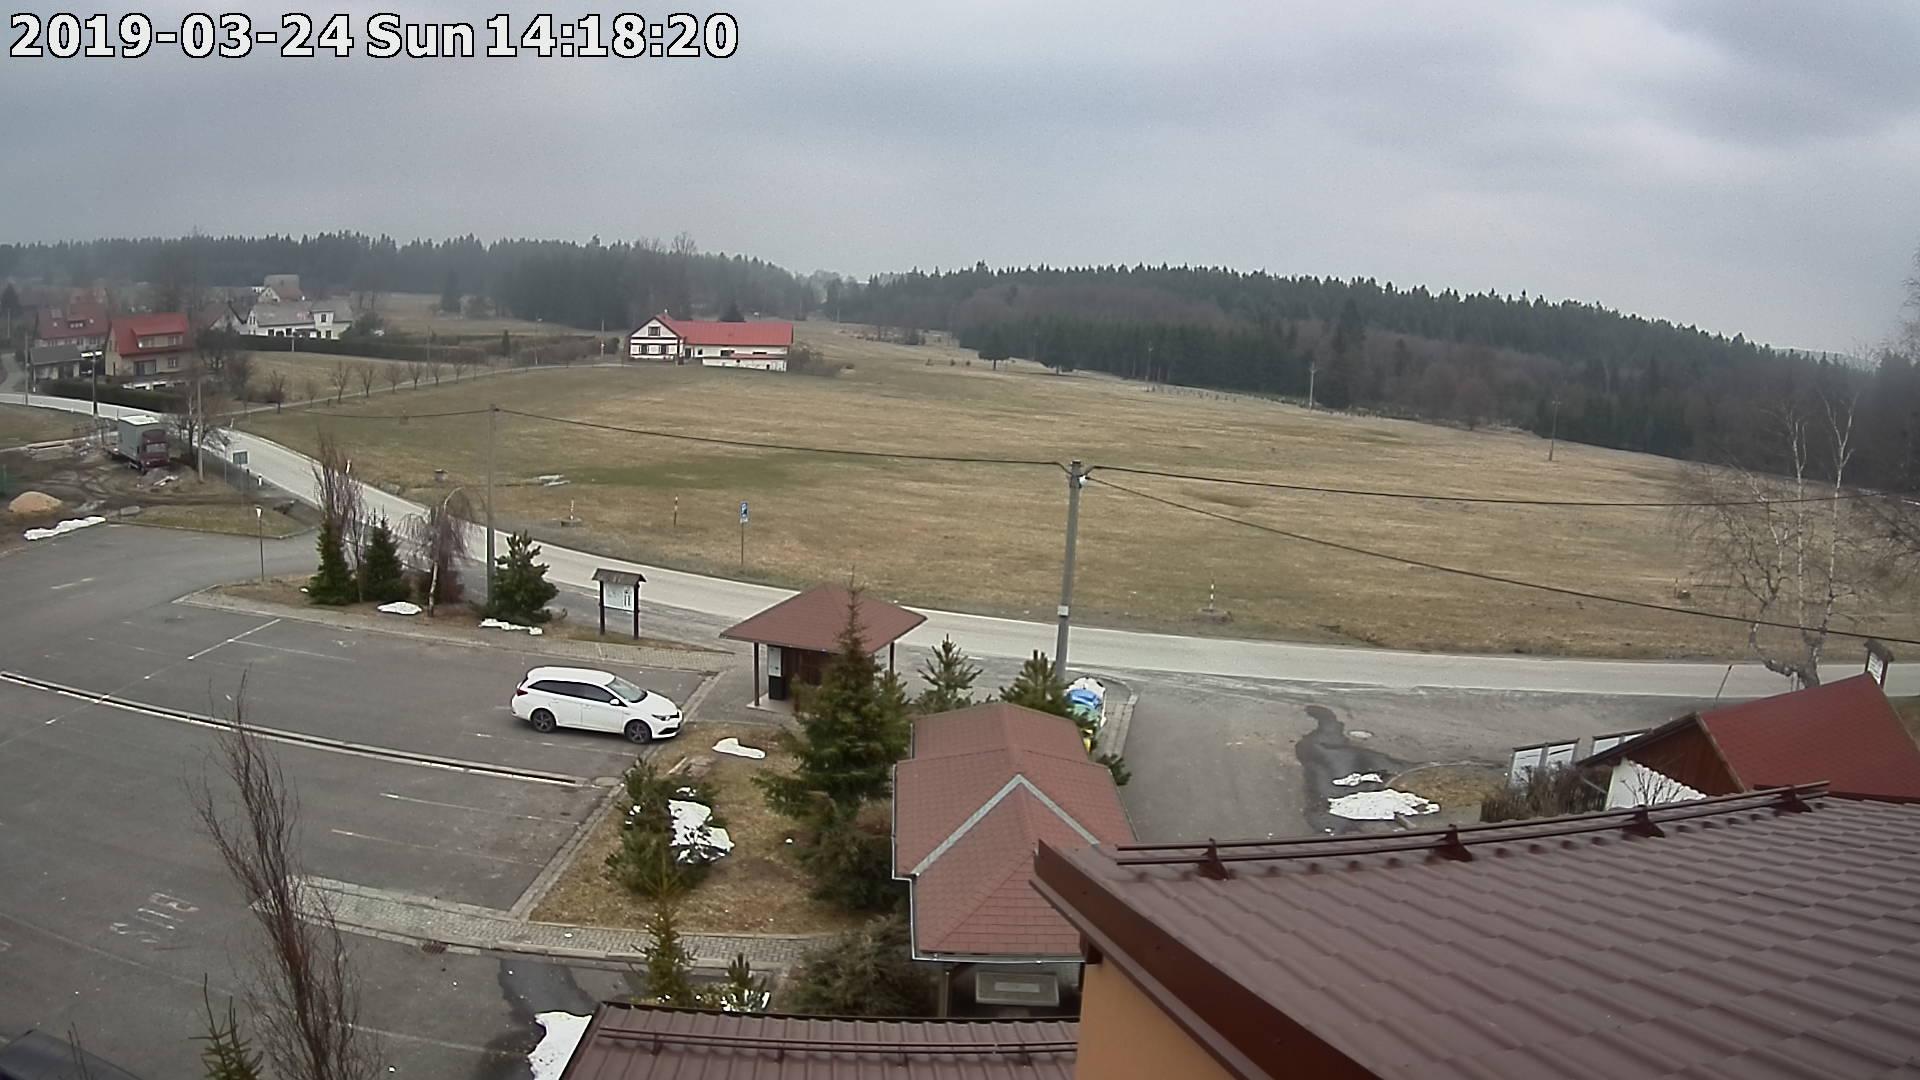 Webkamera ze dne 2019-03-24